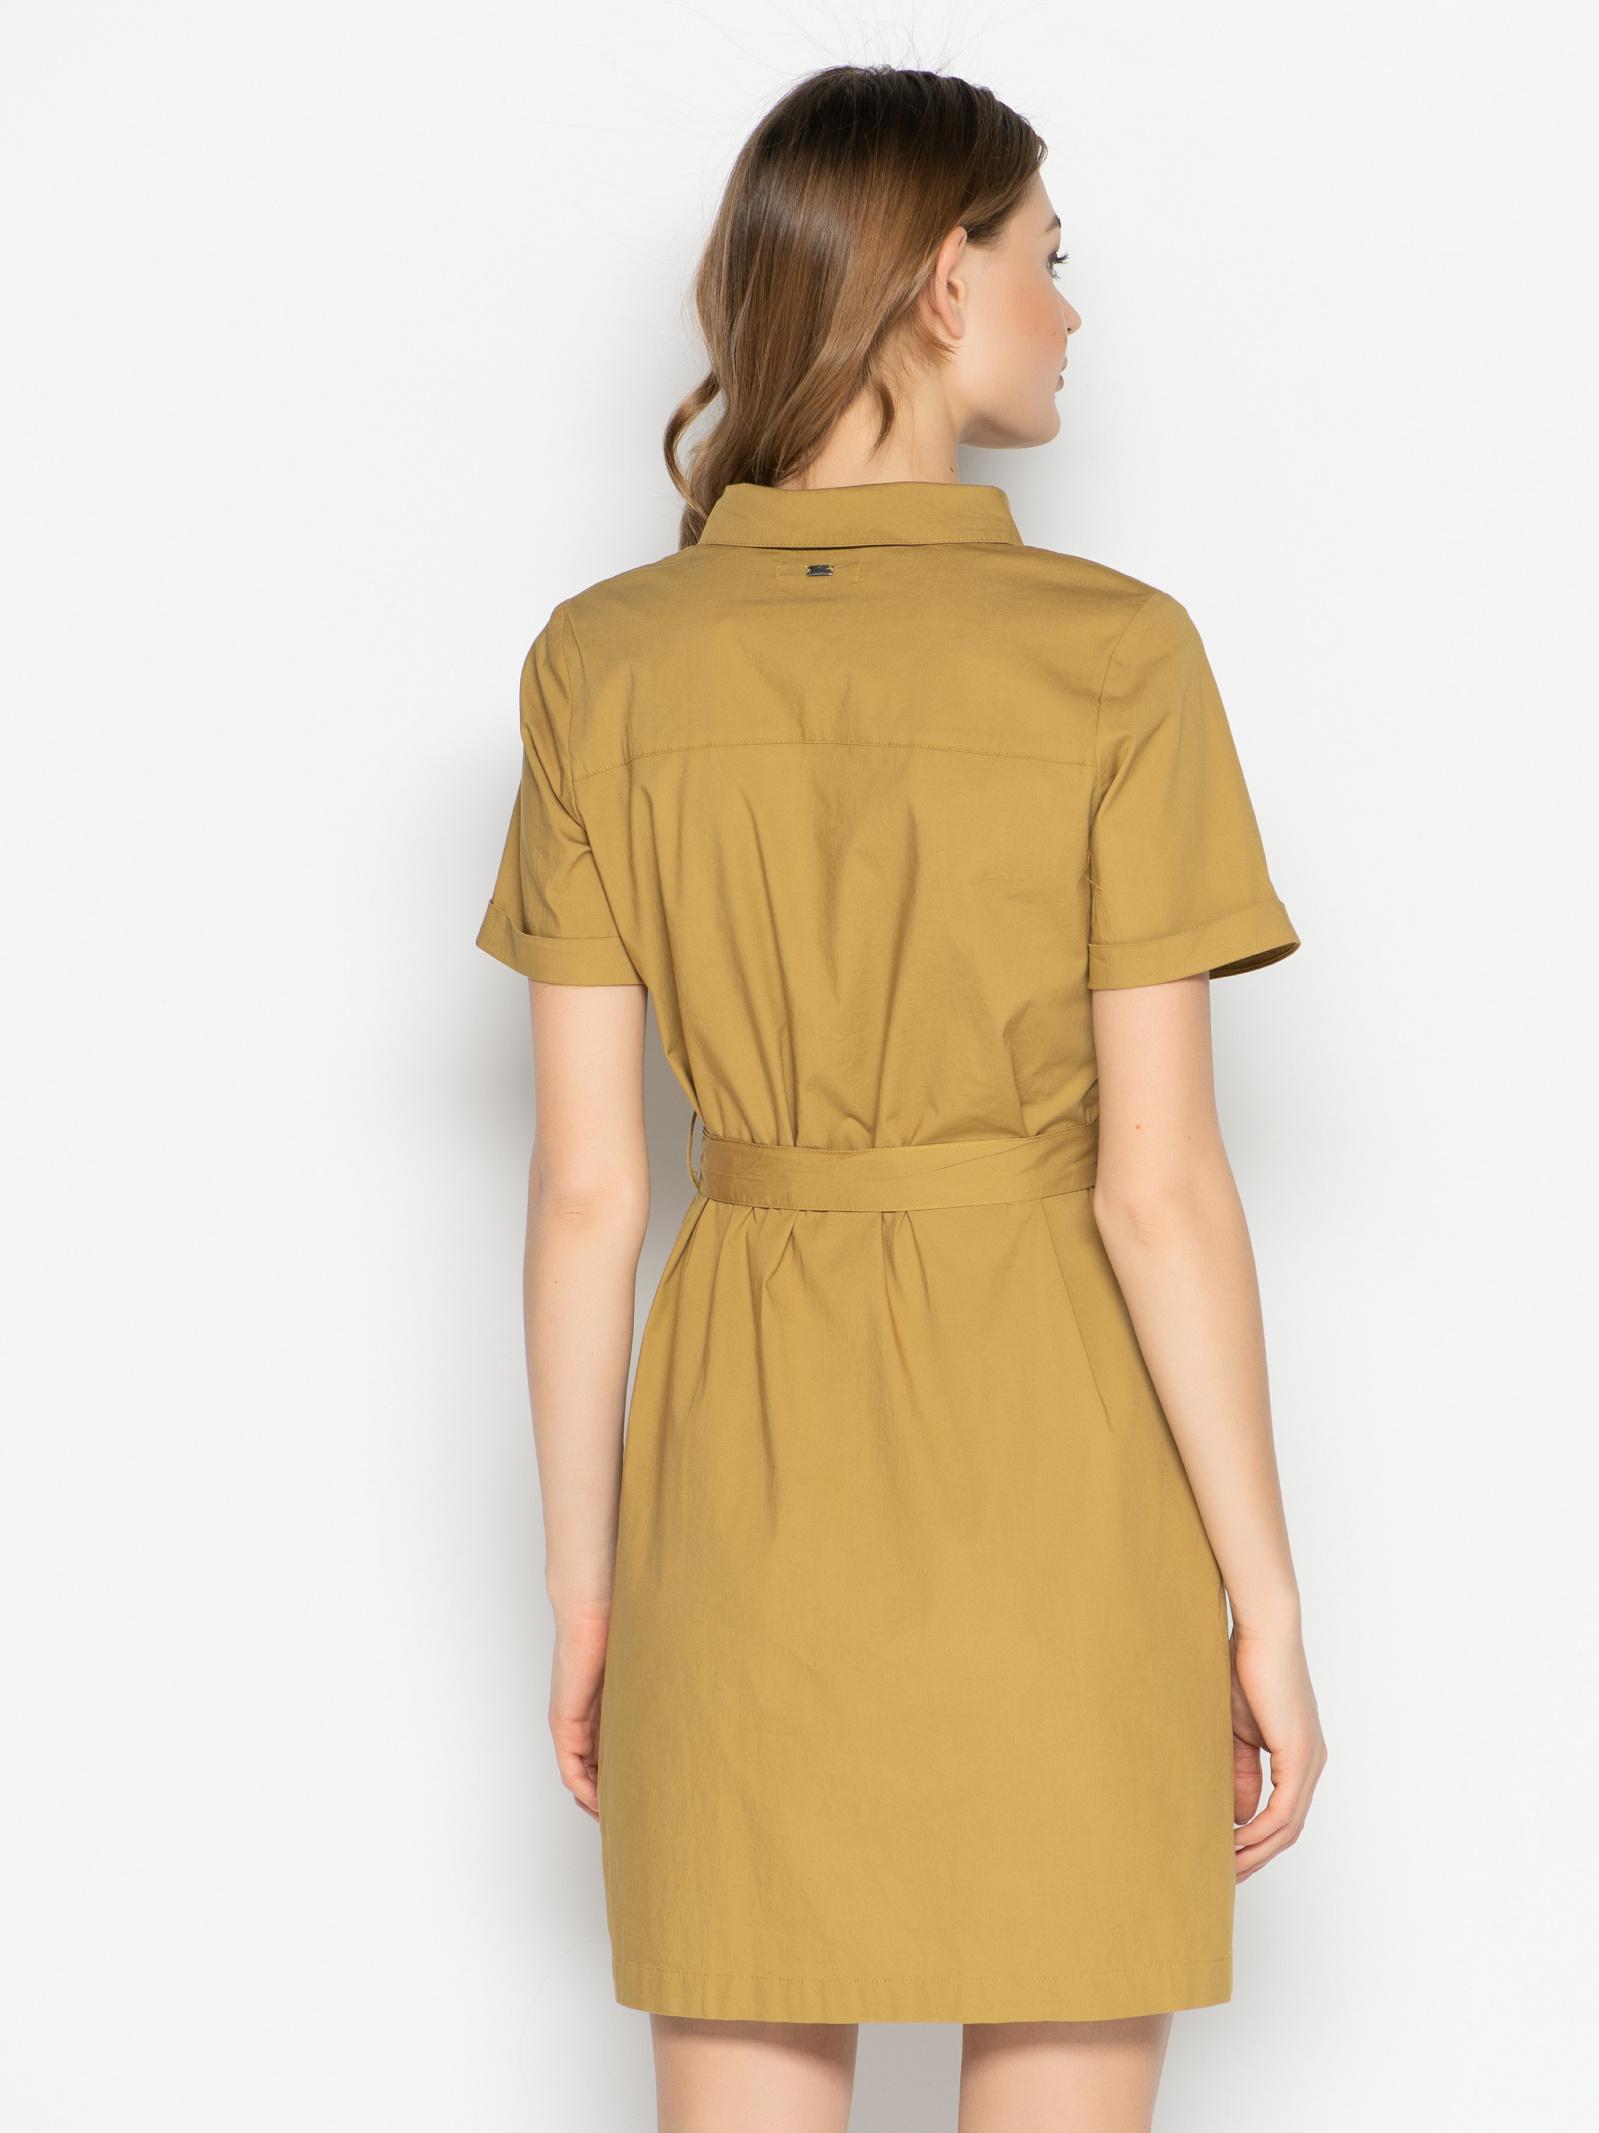 MEXX Сукня жіночі модель 73387-170929 купити, 2017